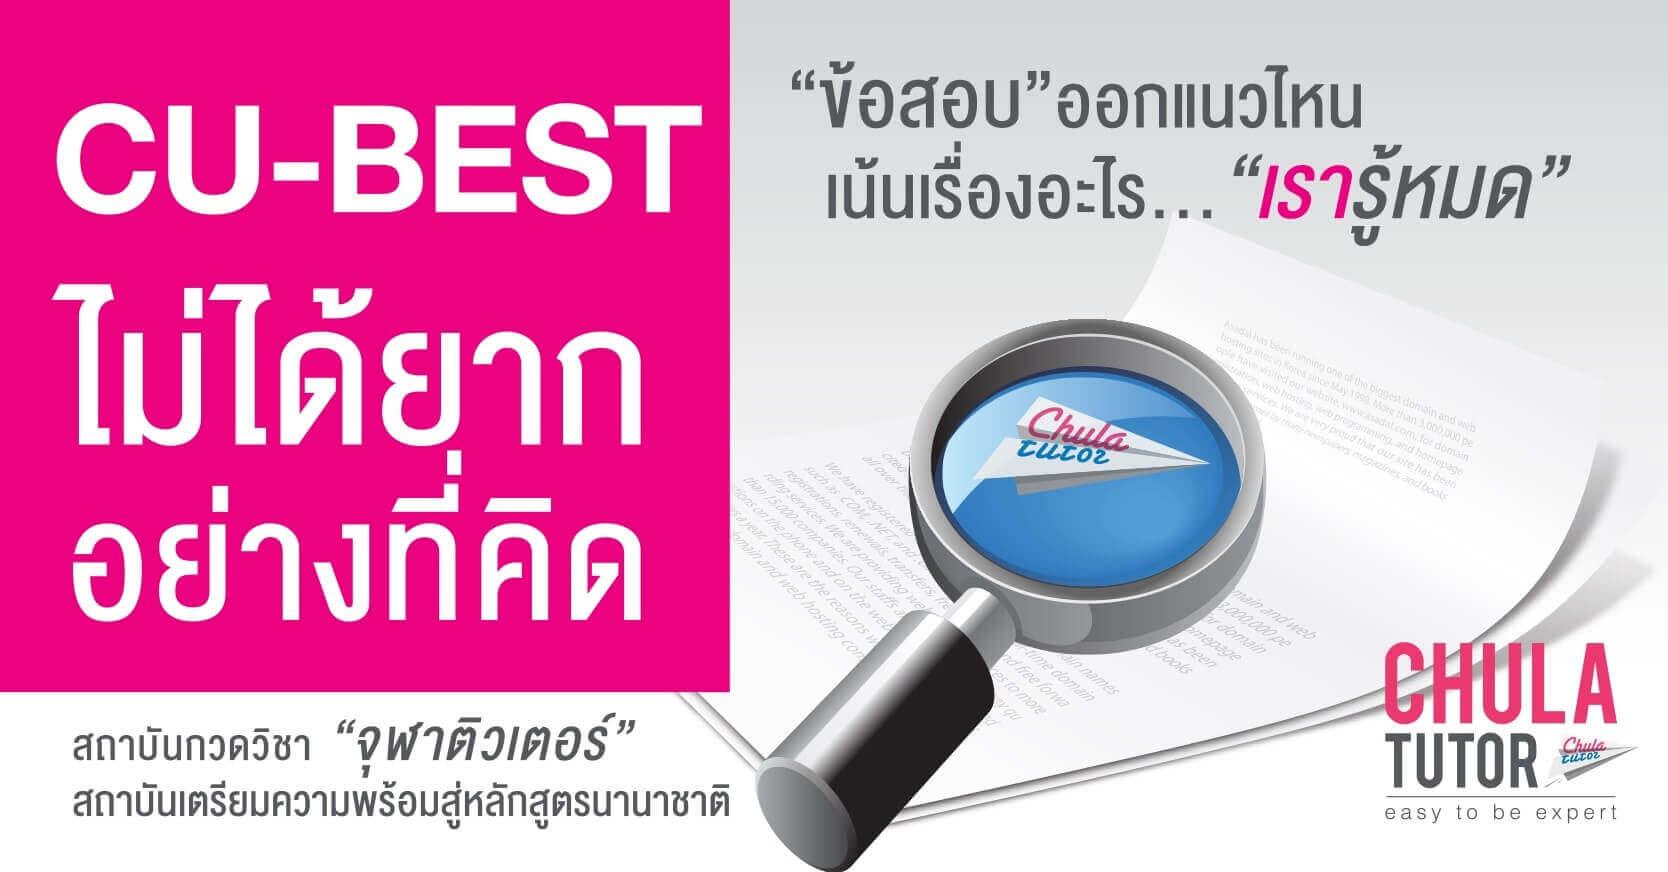 cu-best